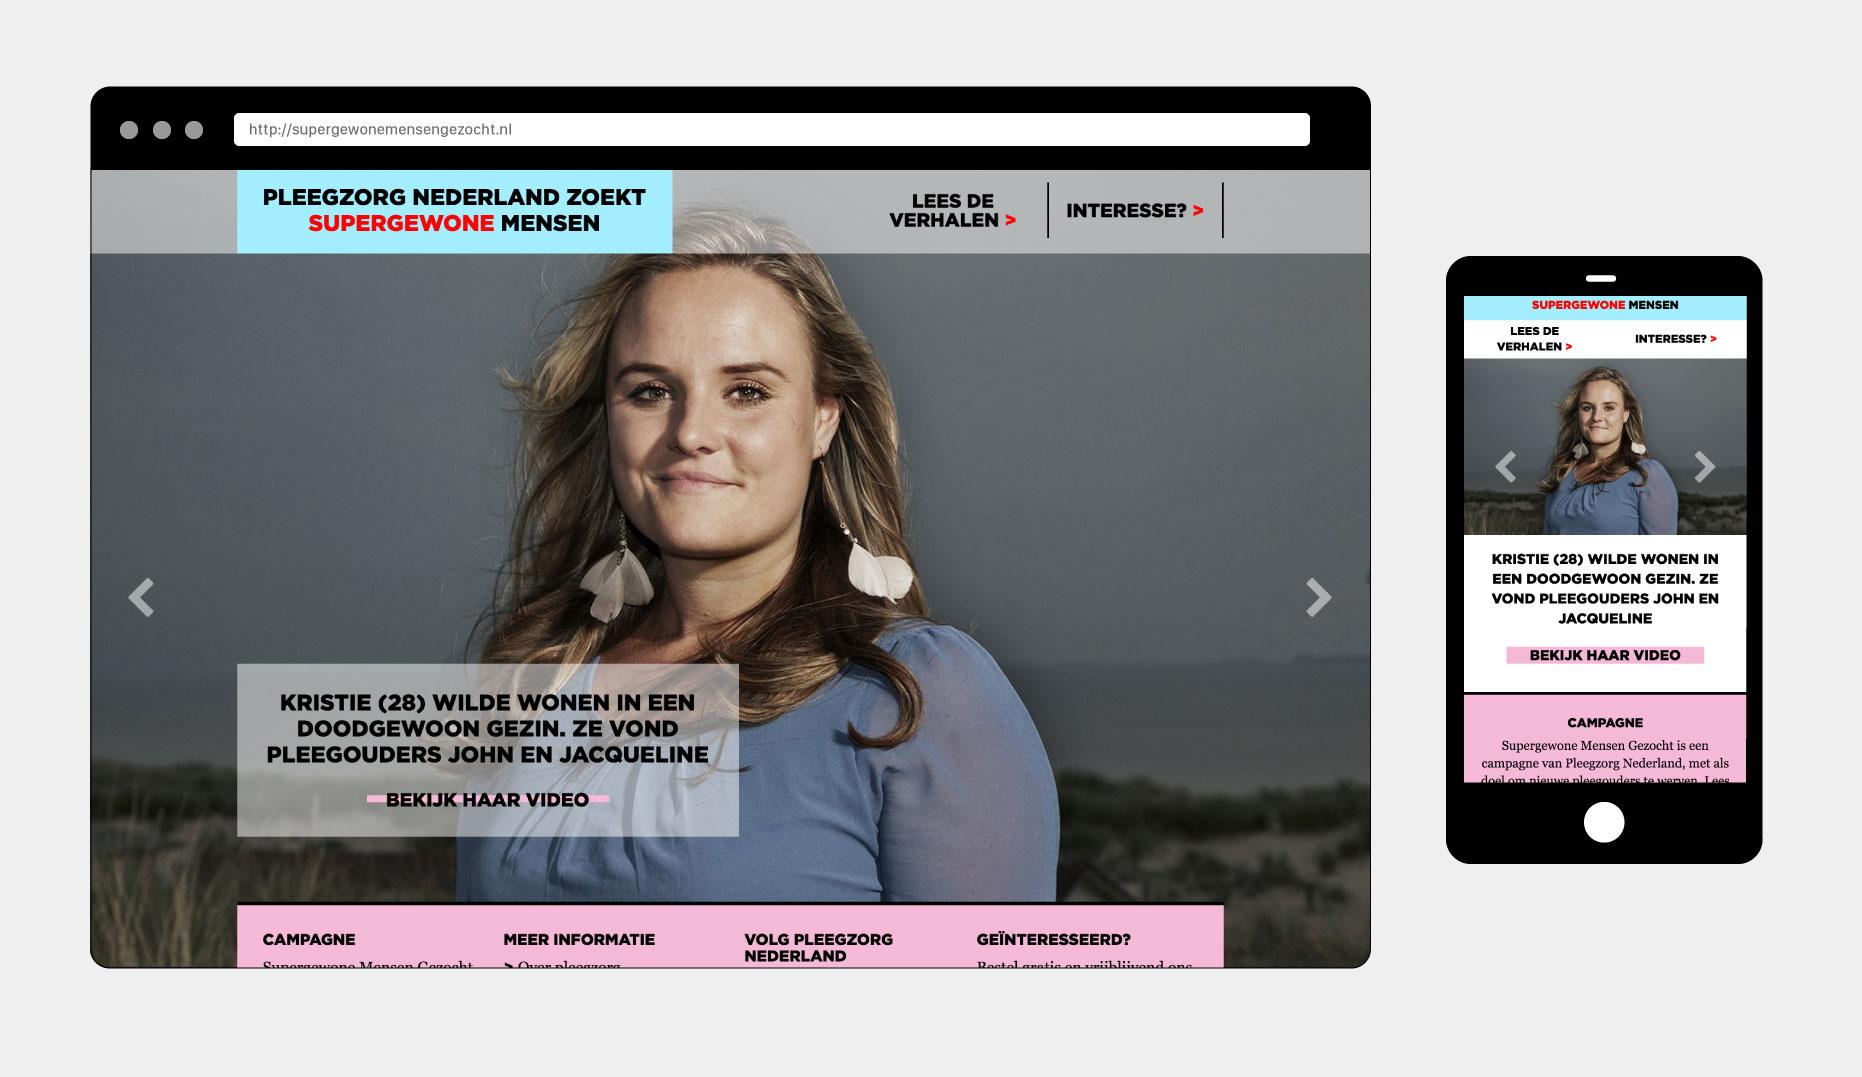 Pleegzorg Nederland - Supergewonemensengezocht.nl - Johnny Wonder